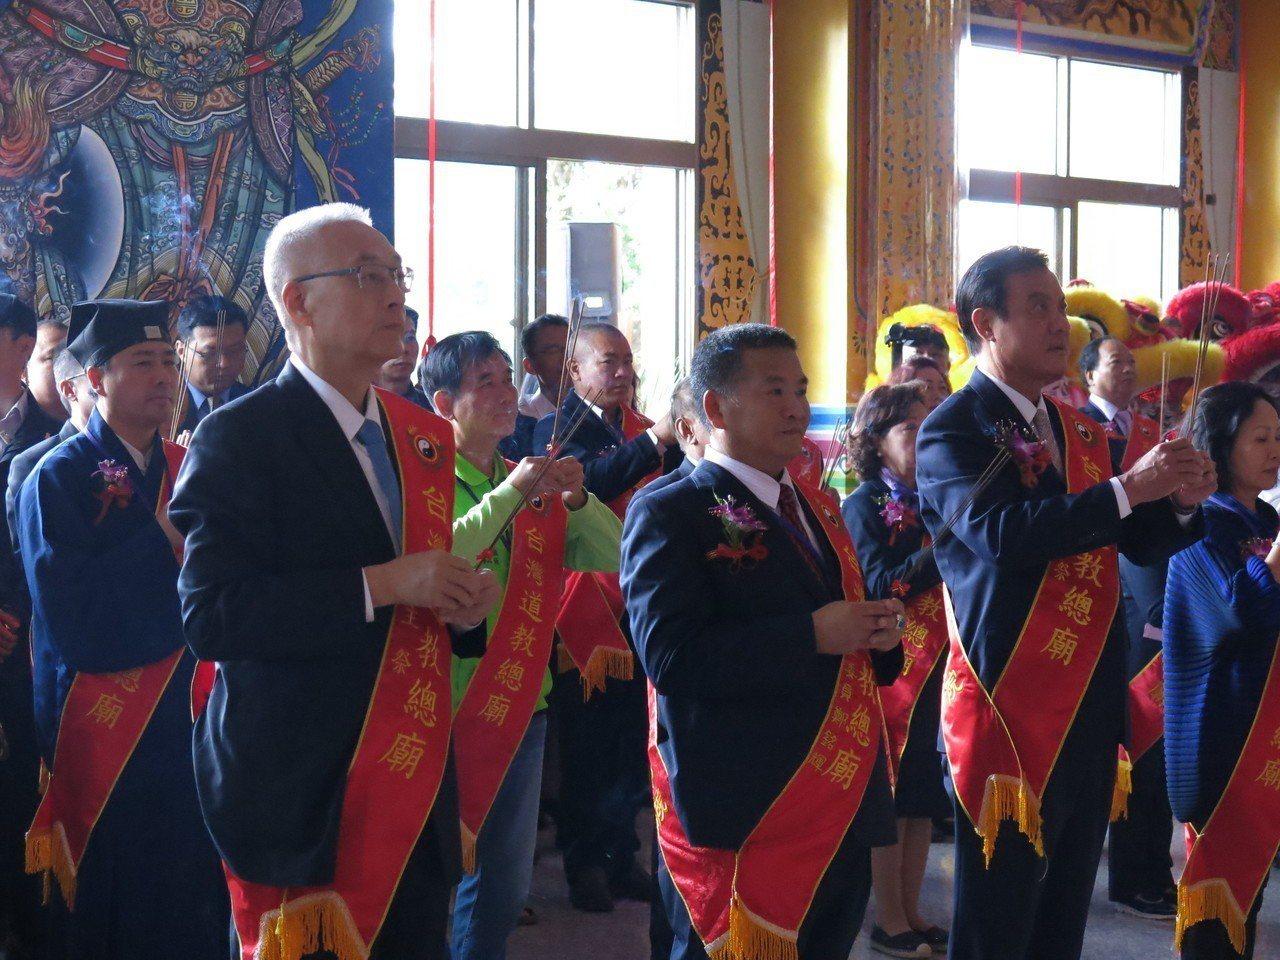 立法院蘇嘉全(右)上午與國民黨主席吳敦義,共同出席宗教祭典。記者黑中亮/攝影